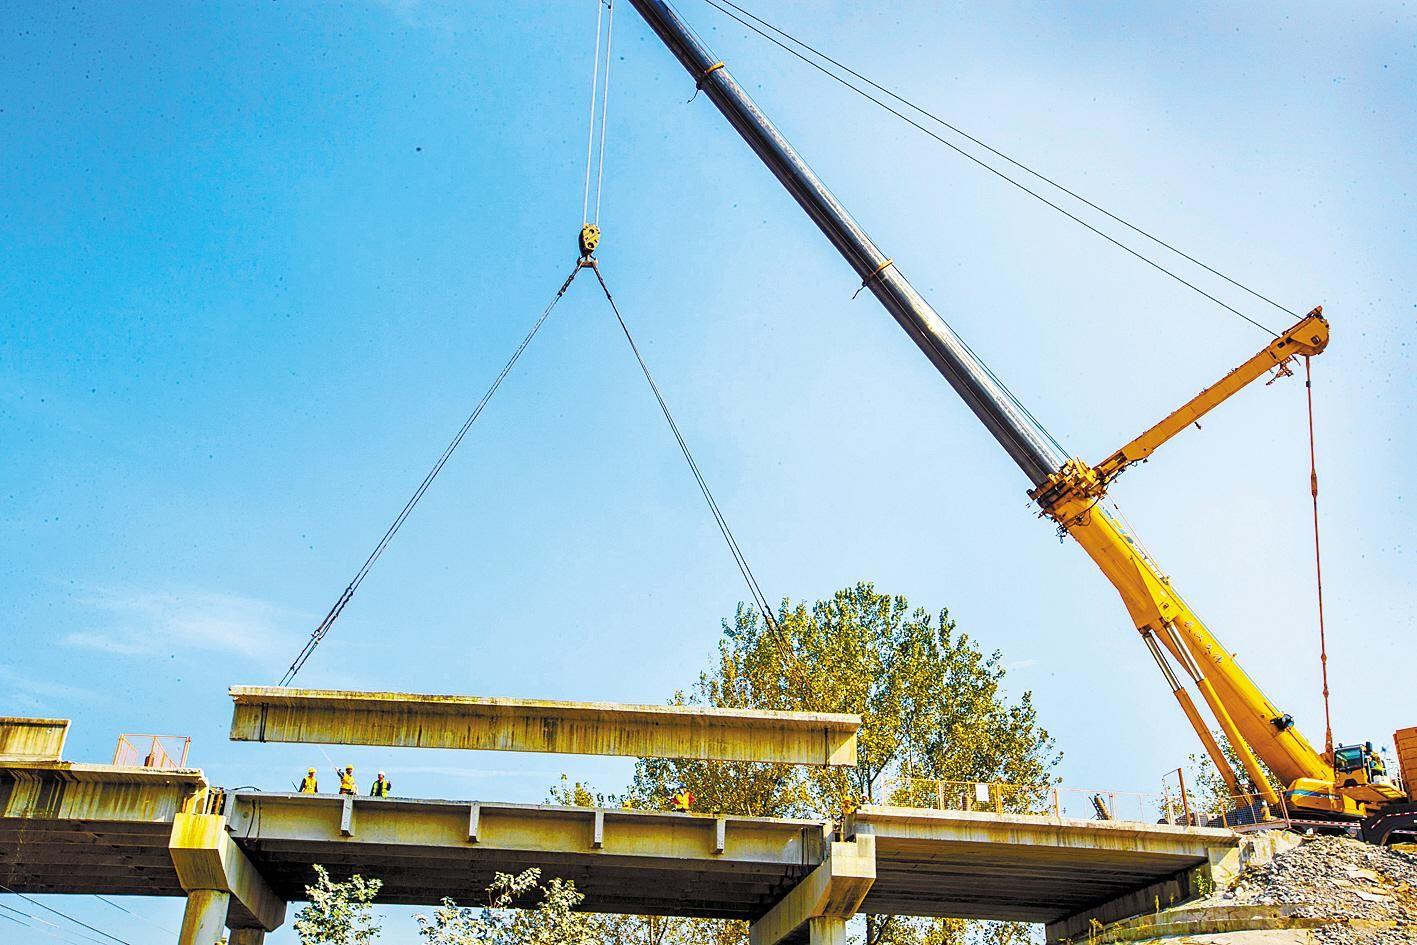 跨京广铁路旧立交桥拆除启动